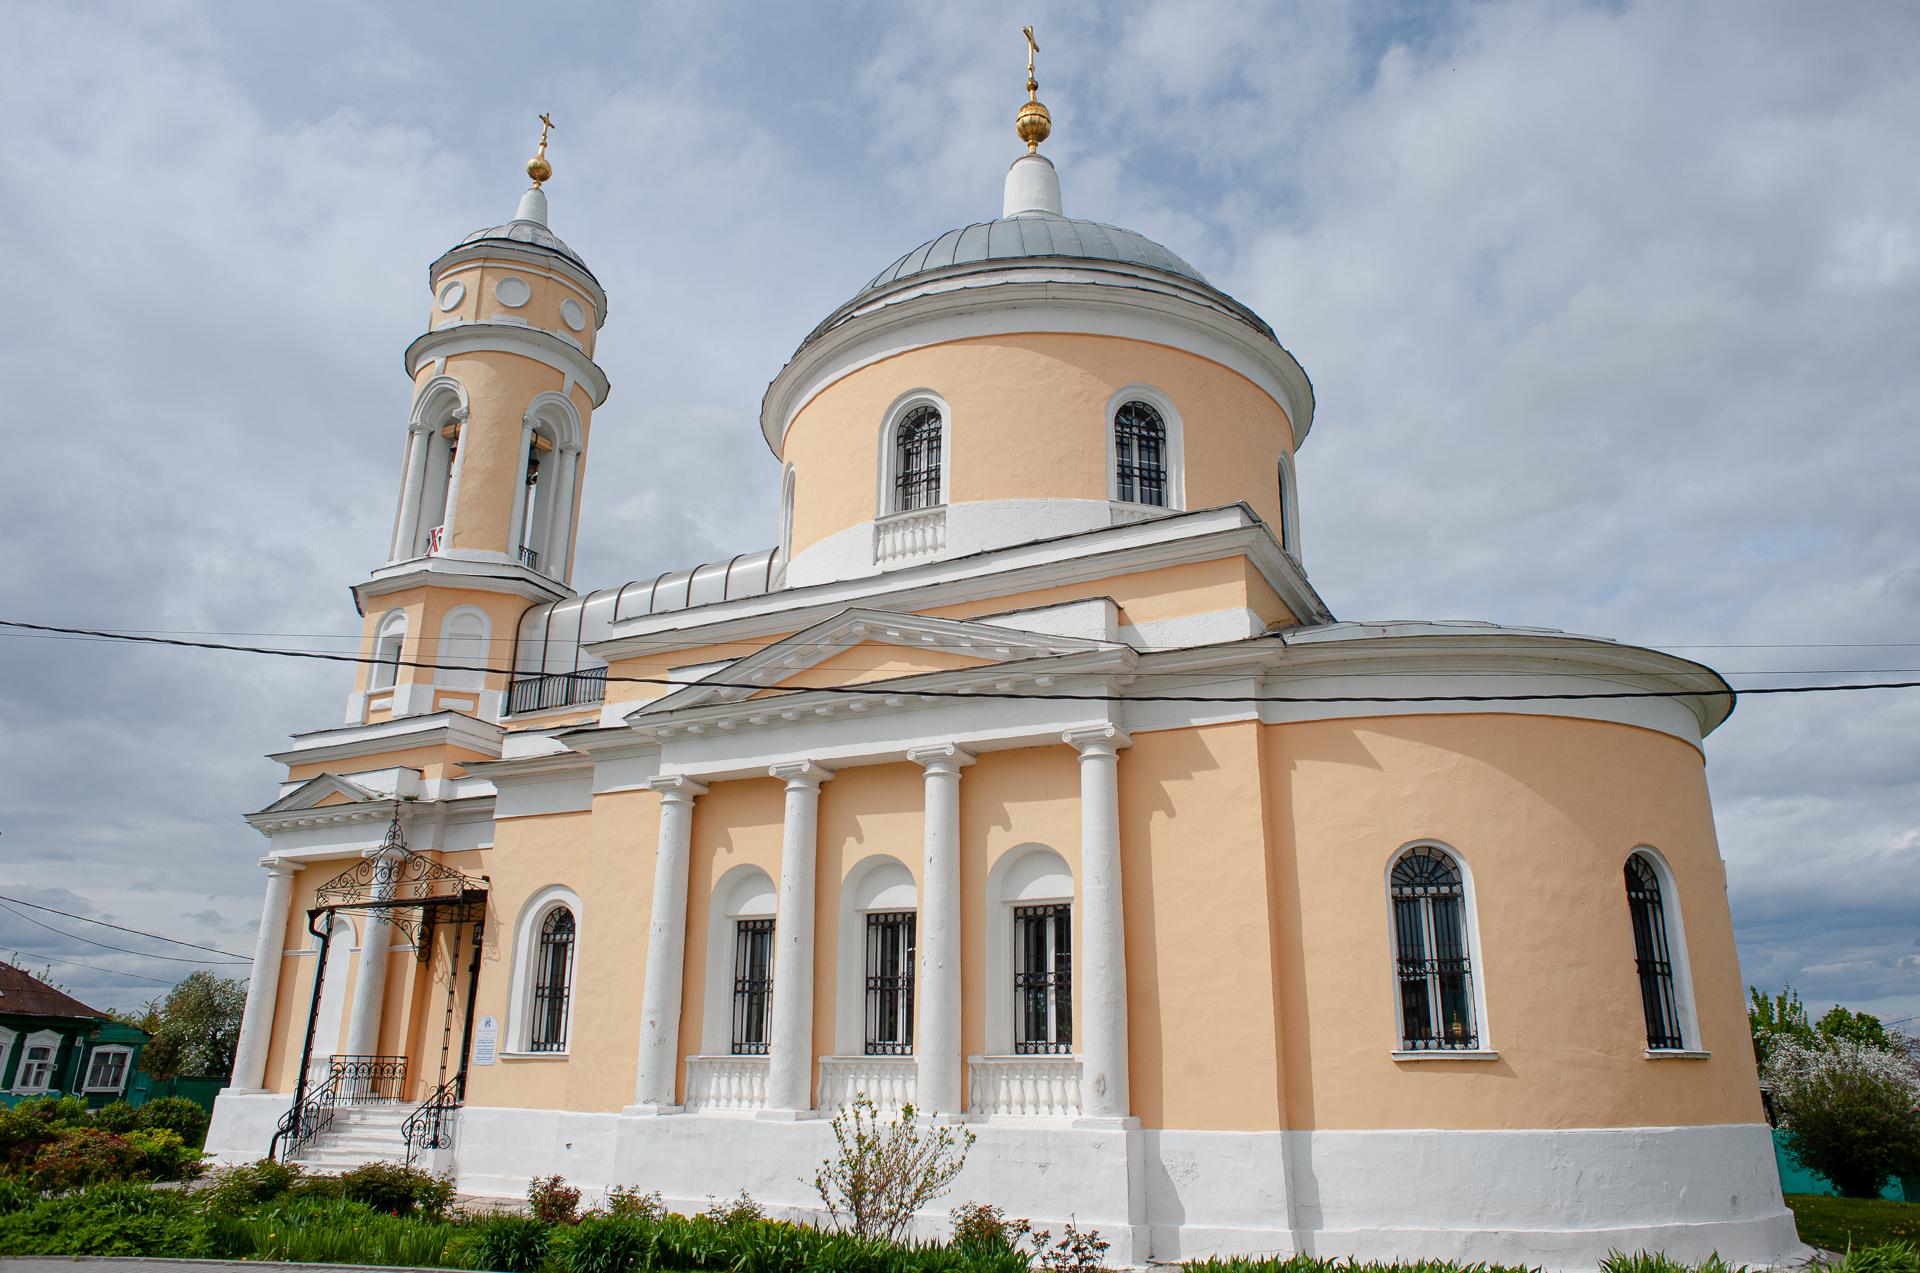 Коломна, Коломенский Кремль, Церковь Воздвижения Креста Господня